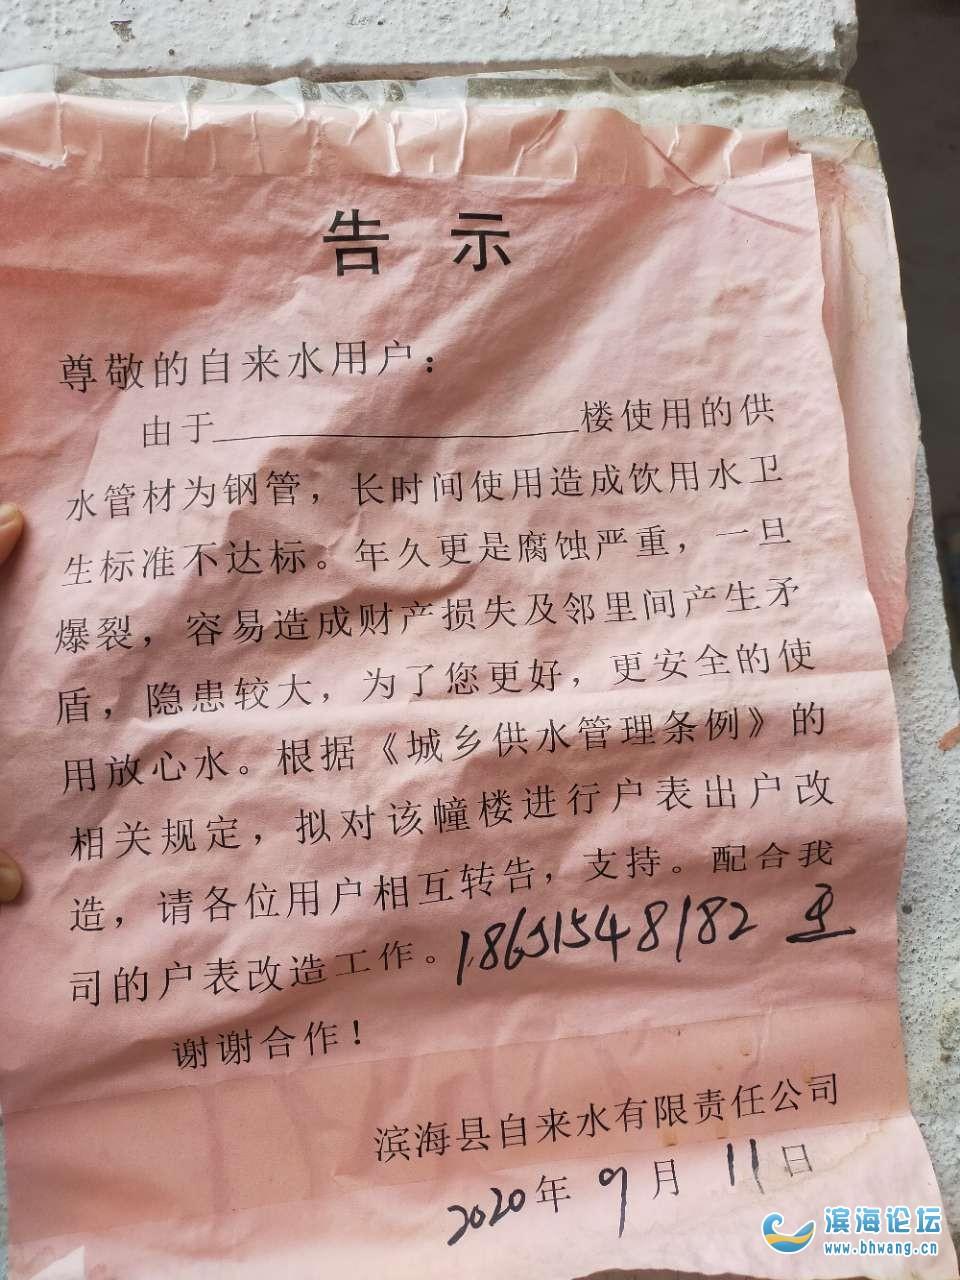 致滨海县自来水公司干部,你们的一些操作我不是很理解